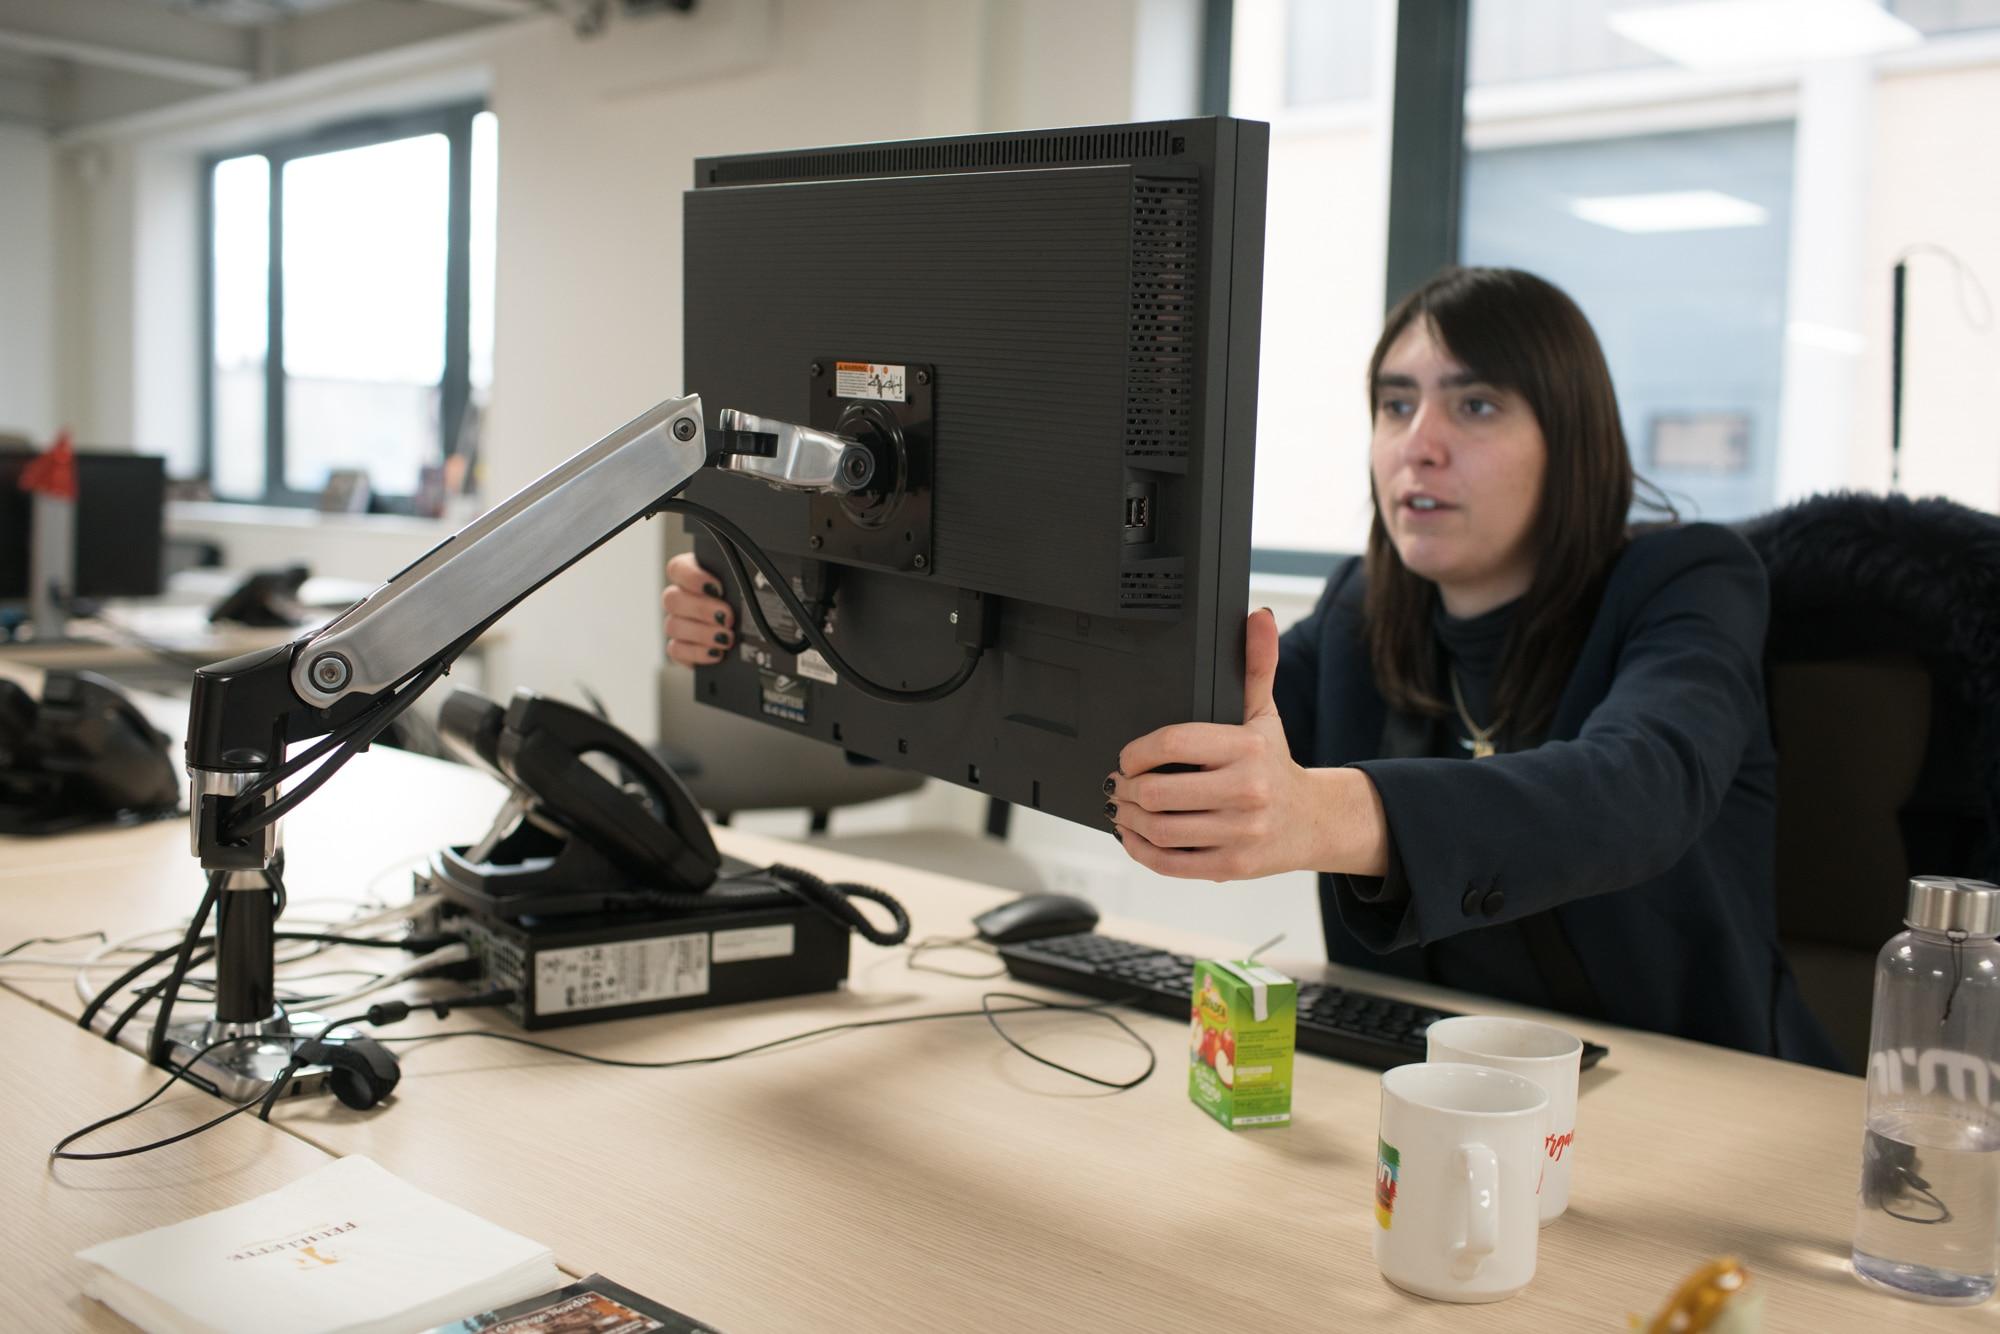 Morgane ajuste son moniteur d'ordinateur, fixé sur un bras mobile.